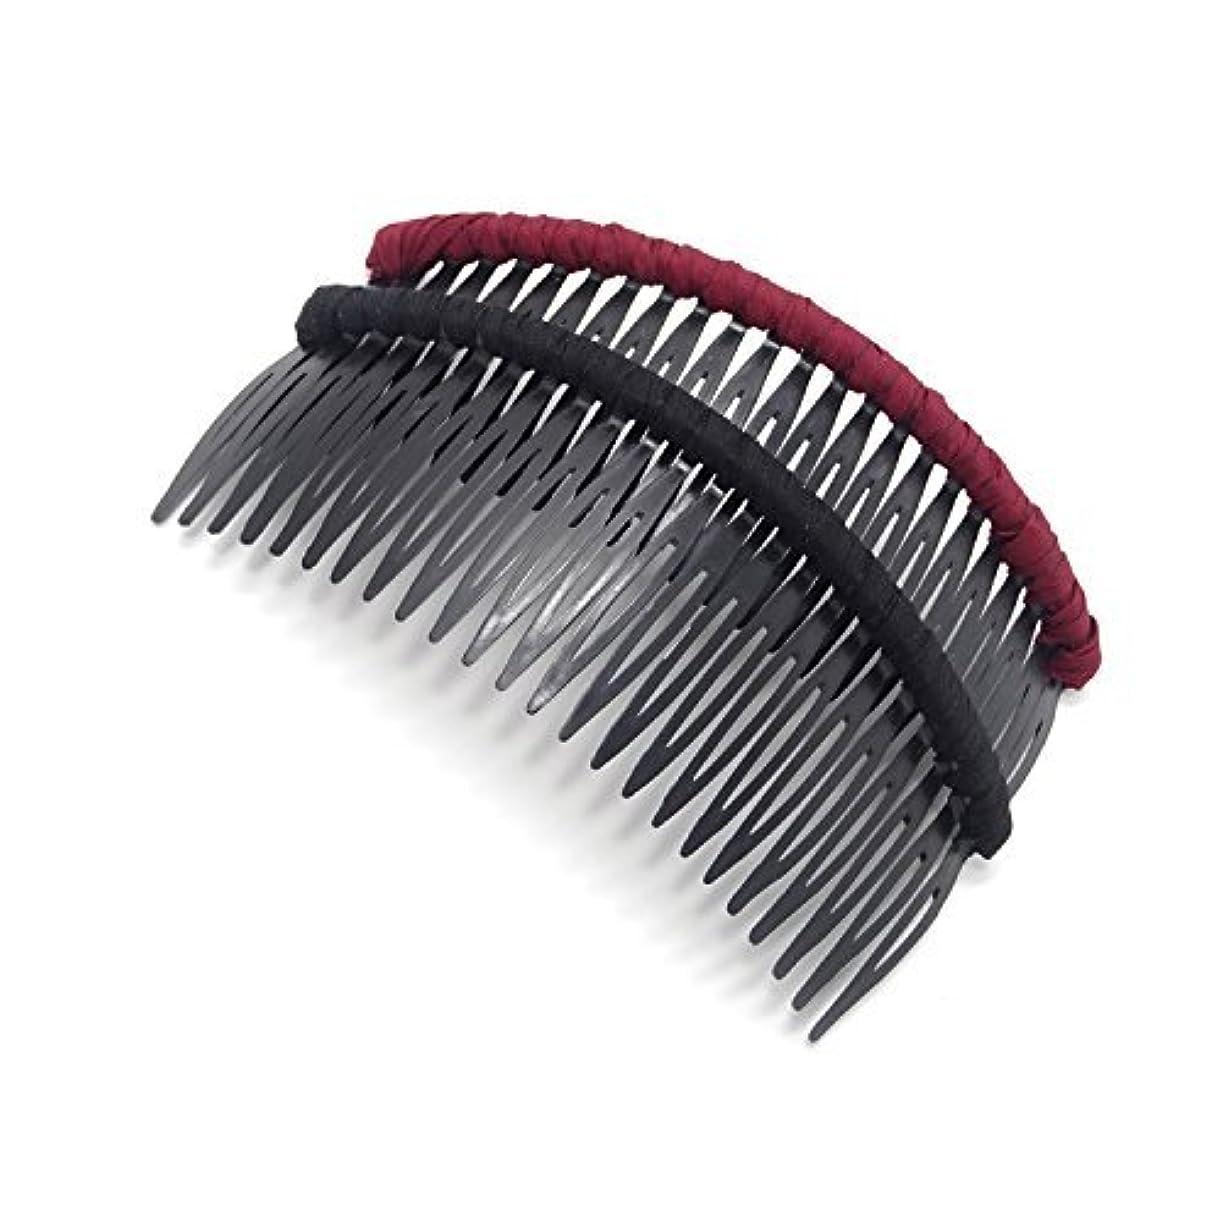 運河万歳悪性腫瘍Honbay 2 PCS Different Color 24 Teeth Plastic Hair Comb Tuck Comb Hair Clip Hair Accessory for Women and Girls...